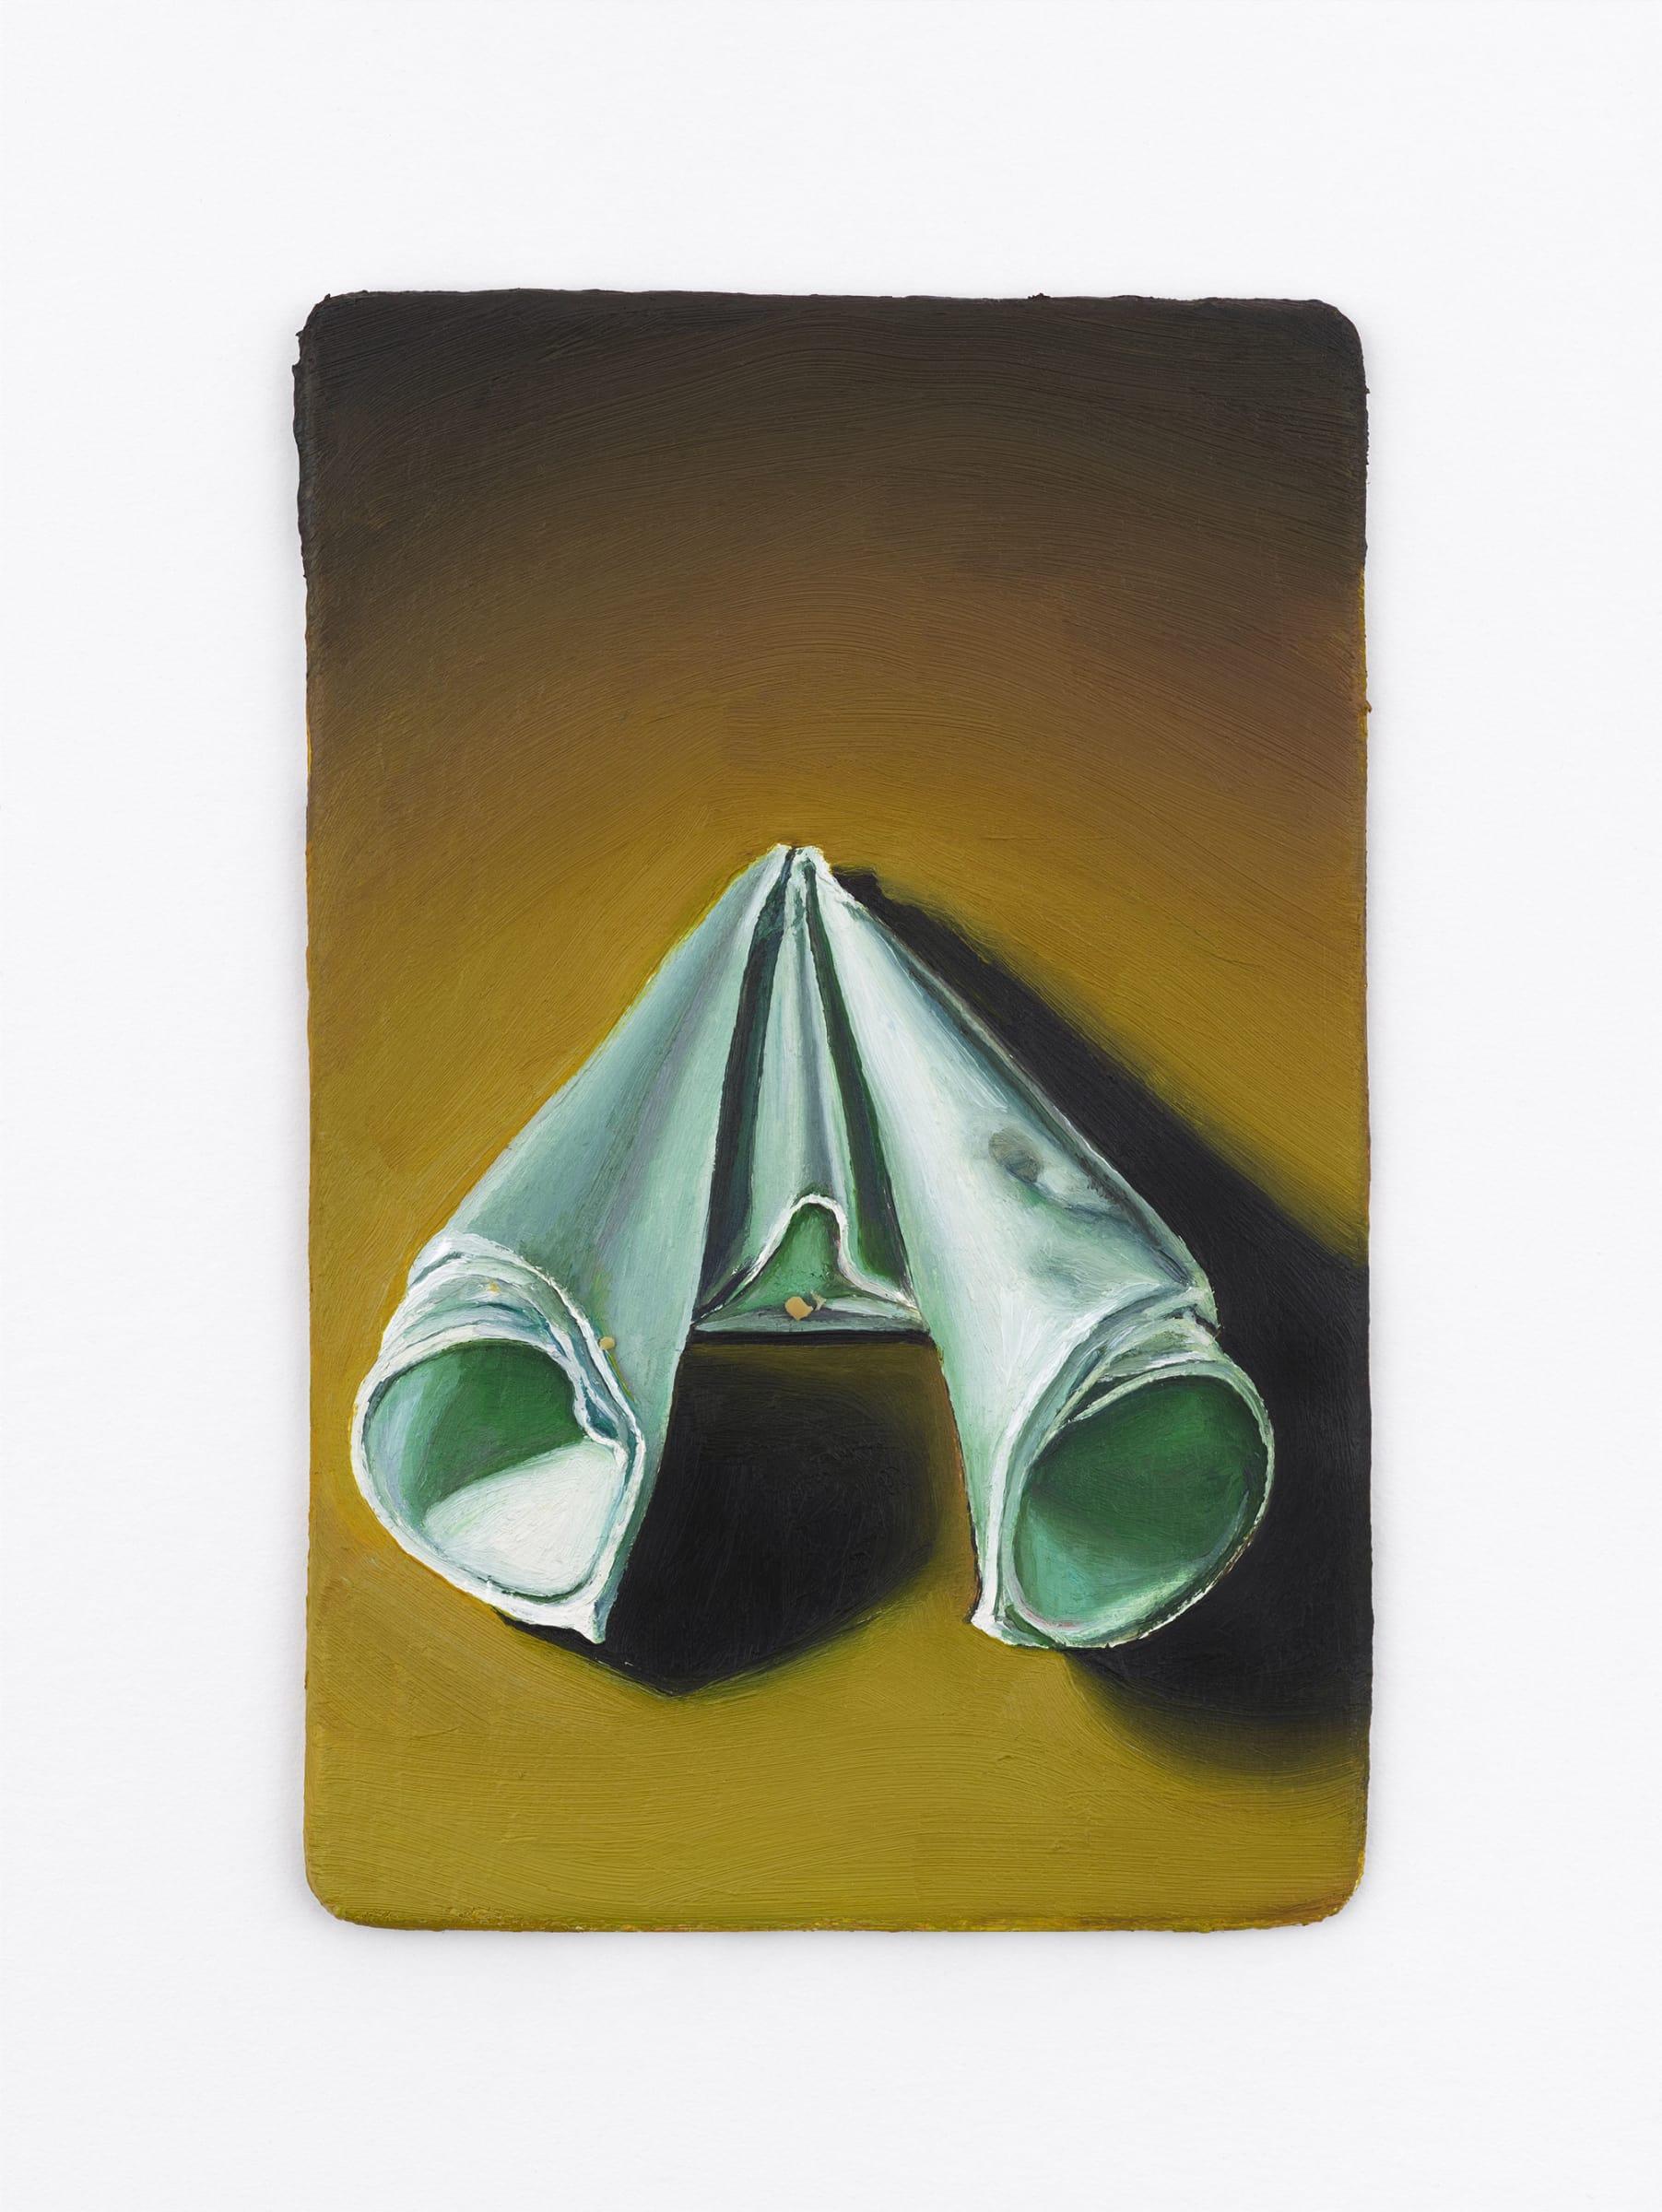 """<span class=""""link fancybox-details-link""""><a href=""""/artists/57-leopold-rabus/works/9885/"""">View Detail Page</a></span><div class=""""artist""""><strong>Leopold RABUS</strong></div> <div class=""""title""""><em>Tableau d'intérieur</em>, 2018</div> <div class=""""medium"""">oil on wood</div> <div class=""""dimensions"""">11 x 7 cm<br /> 4 3/8 x 2 3/4 in</div><div class=""""copyright_line"""">Copyright The Artist</div>"""